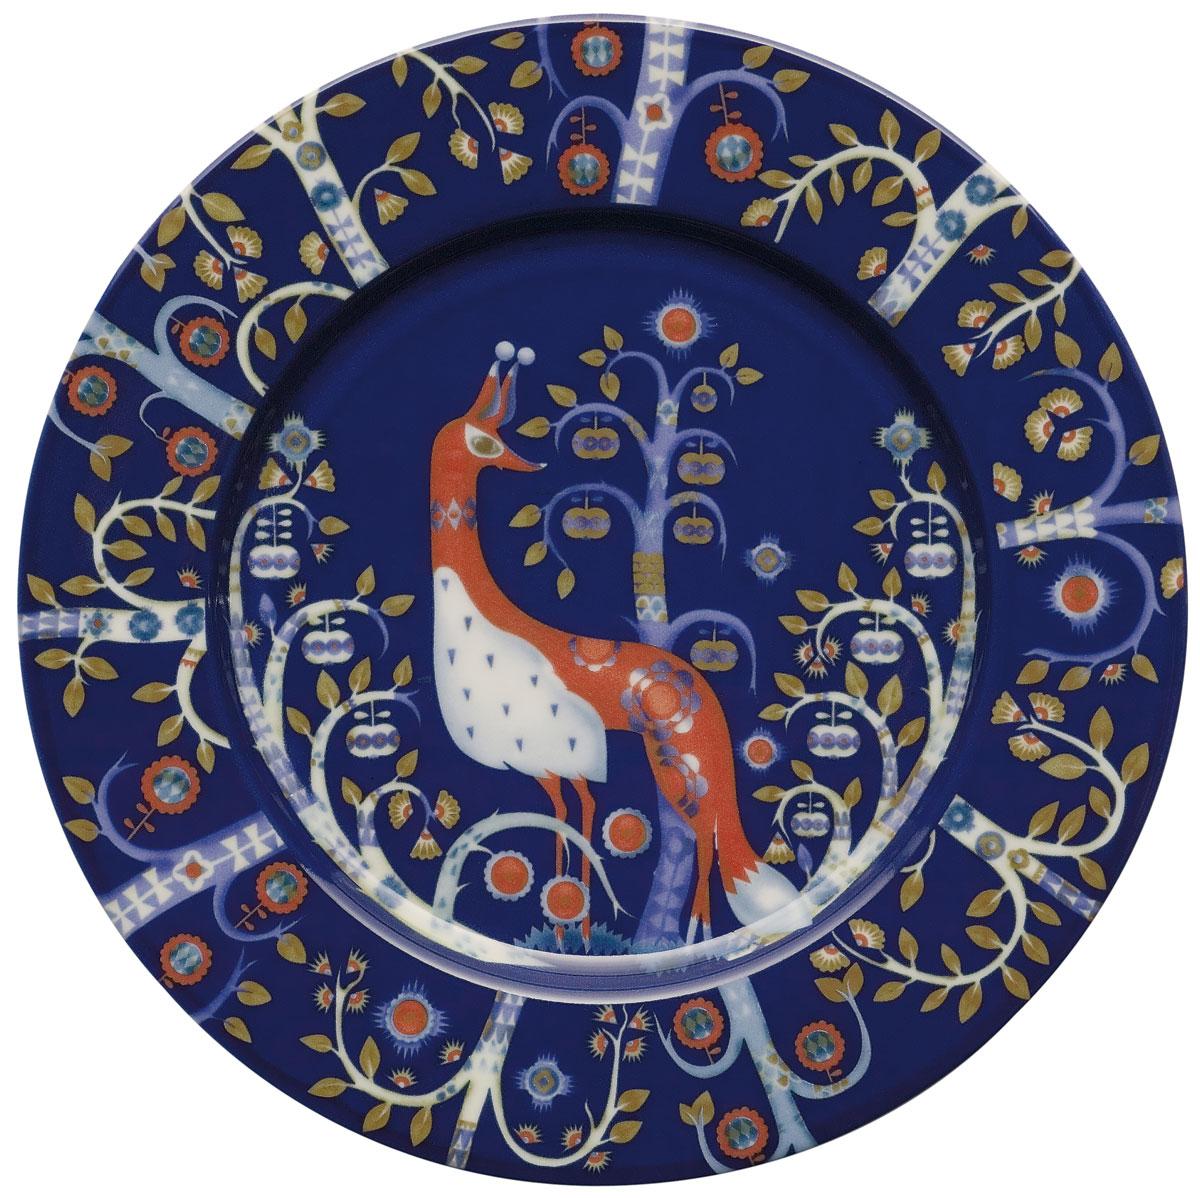 Тарелка Iittala Taika, цвет: синий, диаметр 22 см iittala тарелка taika